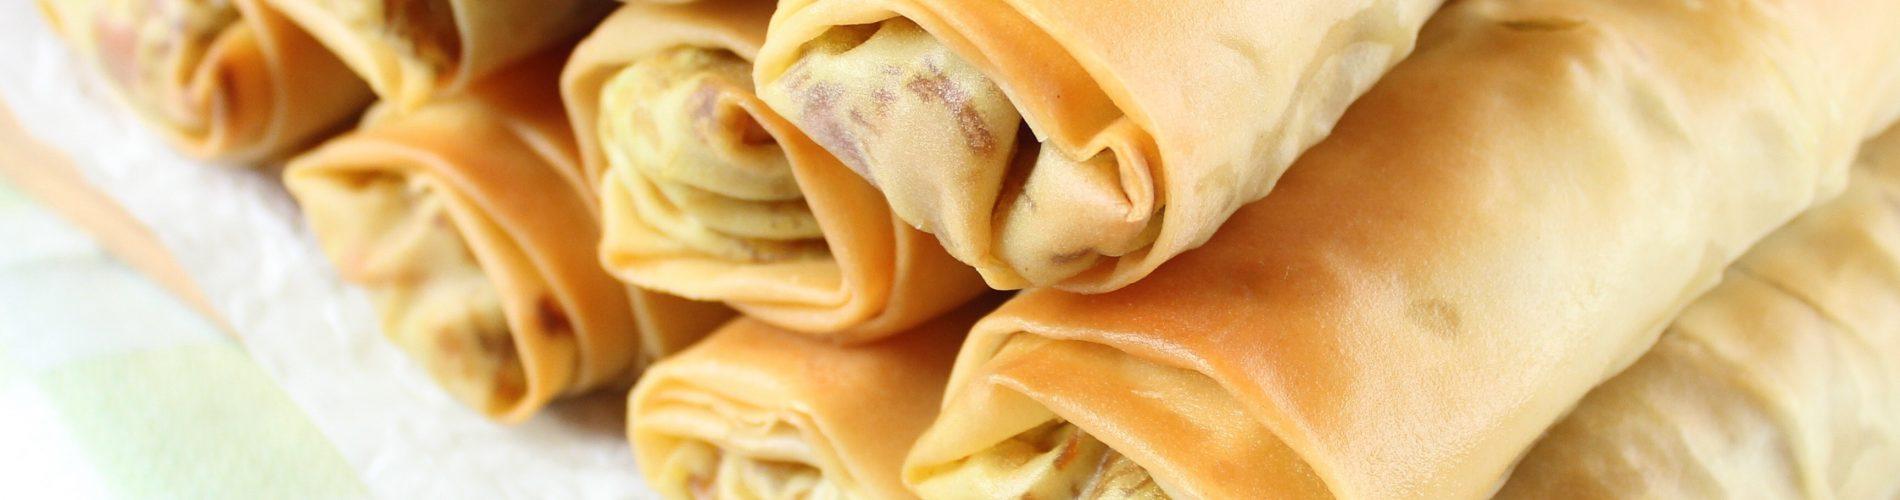 Hartige hapjes | loempia's met kip en Chinese wokgroenten